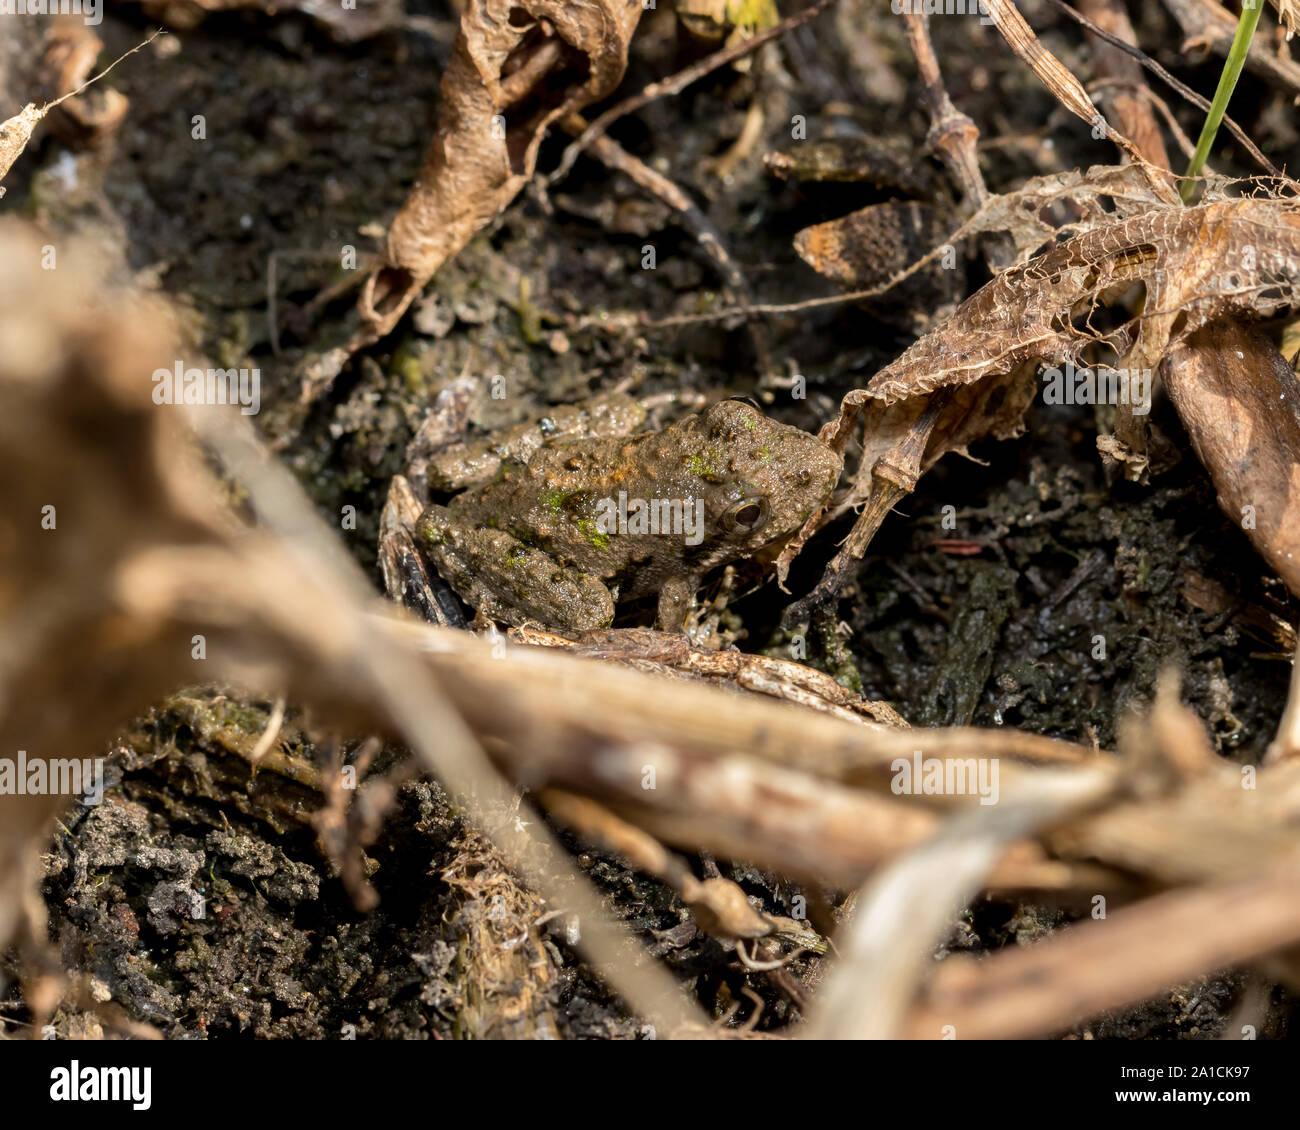 Blanchard's cricket rana, rana de árbol, de especies en su entorno natural de vegetación en la orilla de un estanque. Foto de stock